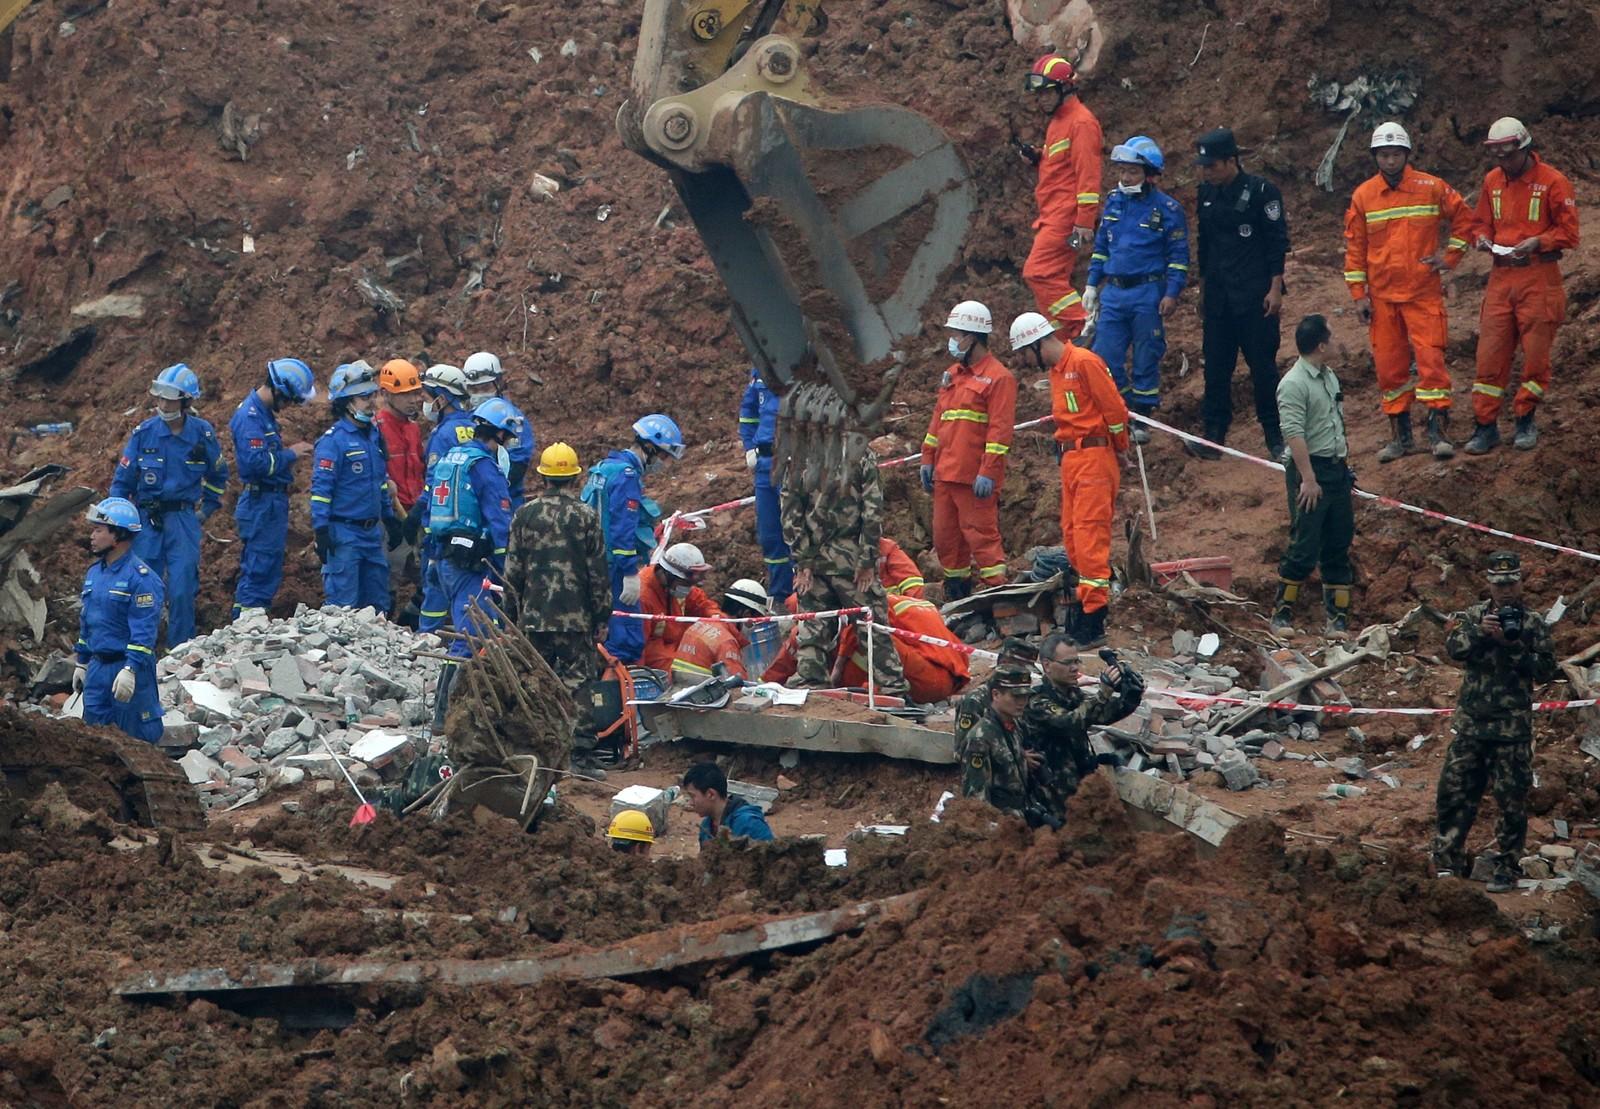 Ifølge myndighetene i Beijing ble jordskredet utløst av at en fylling med jord og avfall fra bygningsarbeid var blitt for høy og ustabil. Fyllingen ruvet 100 meter over omgivelsene etter å ha blitt bygget opp over to år.